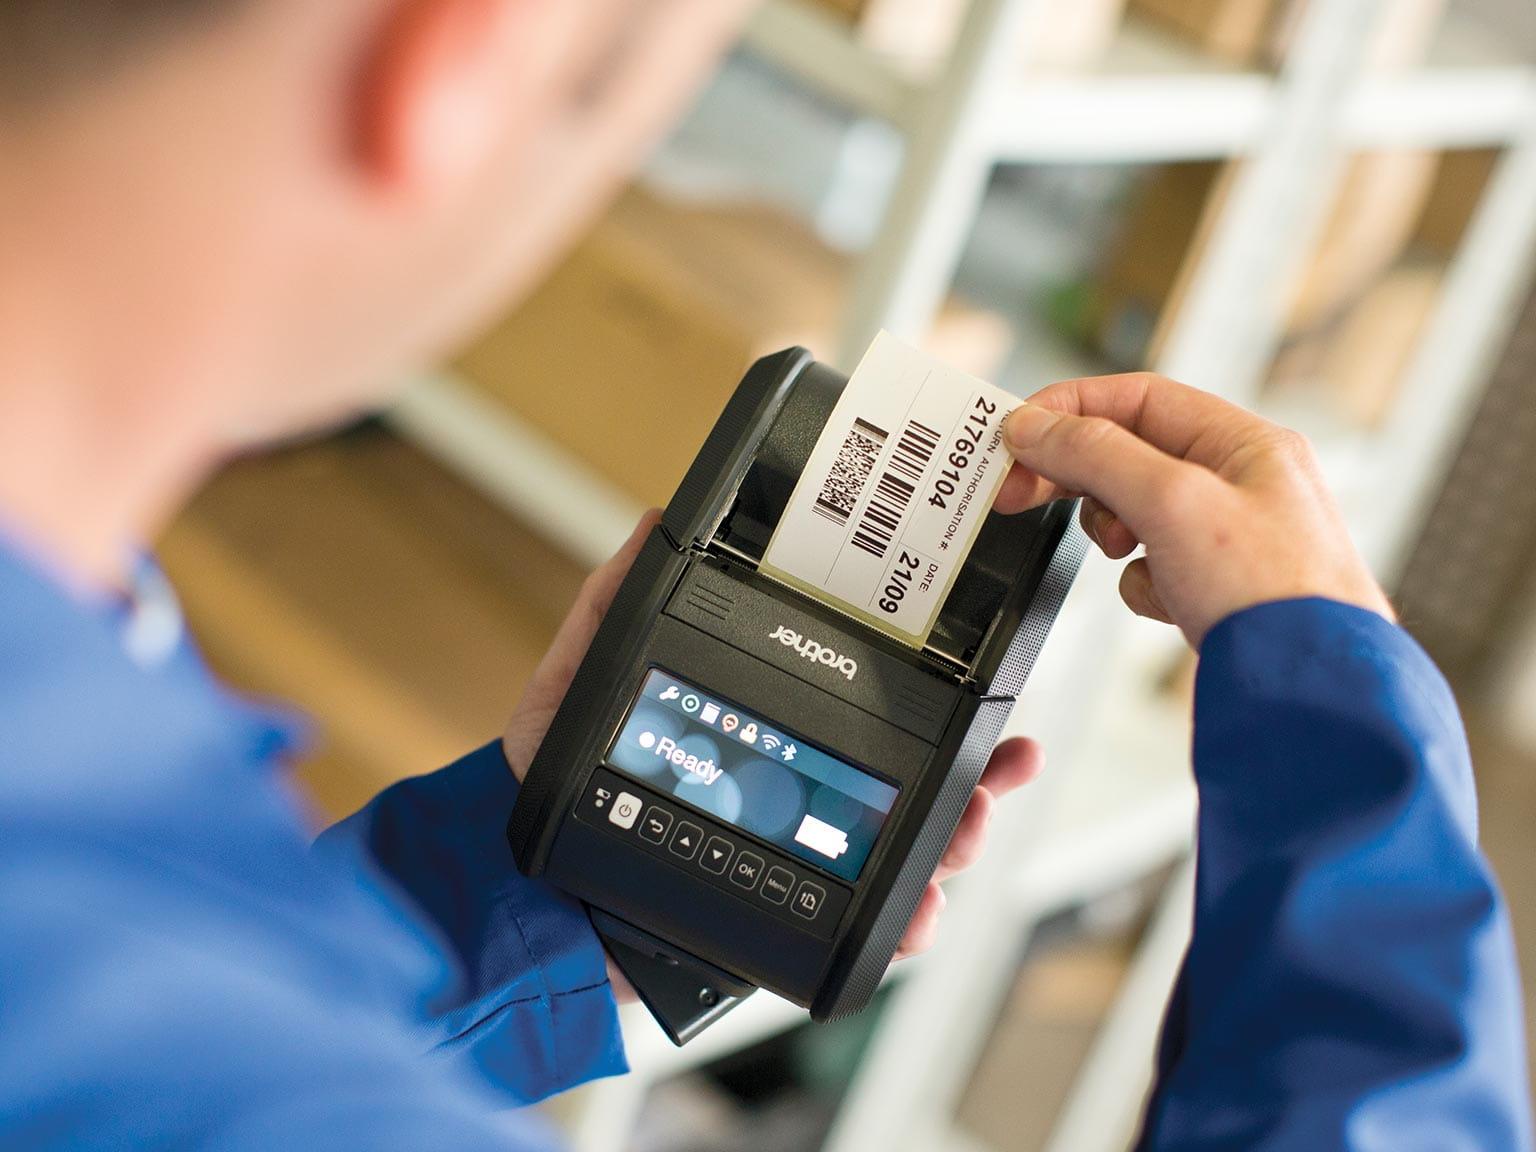 Служител в склад държи в ръка етикетен принтер серията RJ, докато се отпечатва етикет